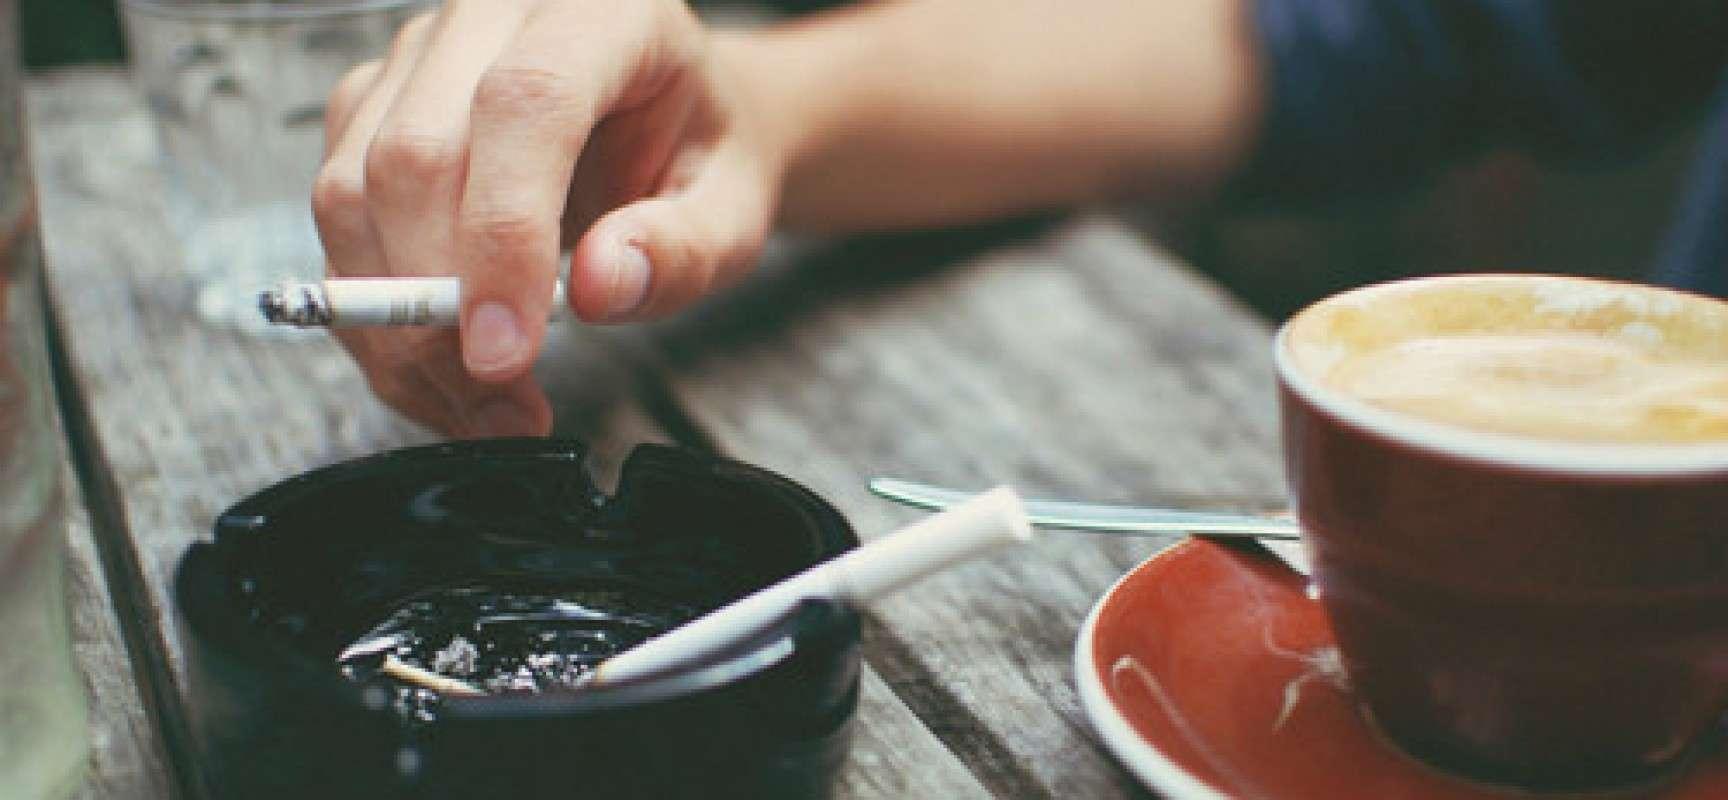 Nên giảm thiểu những thực phẩm, đồ ăn có tác dụng xấu tới răng miệng. Ví dụ: Cà phê